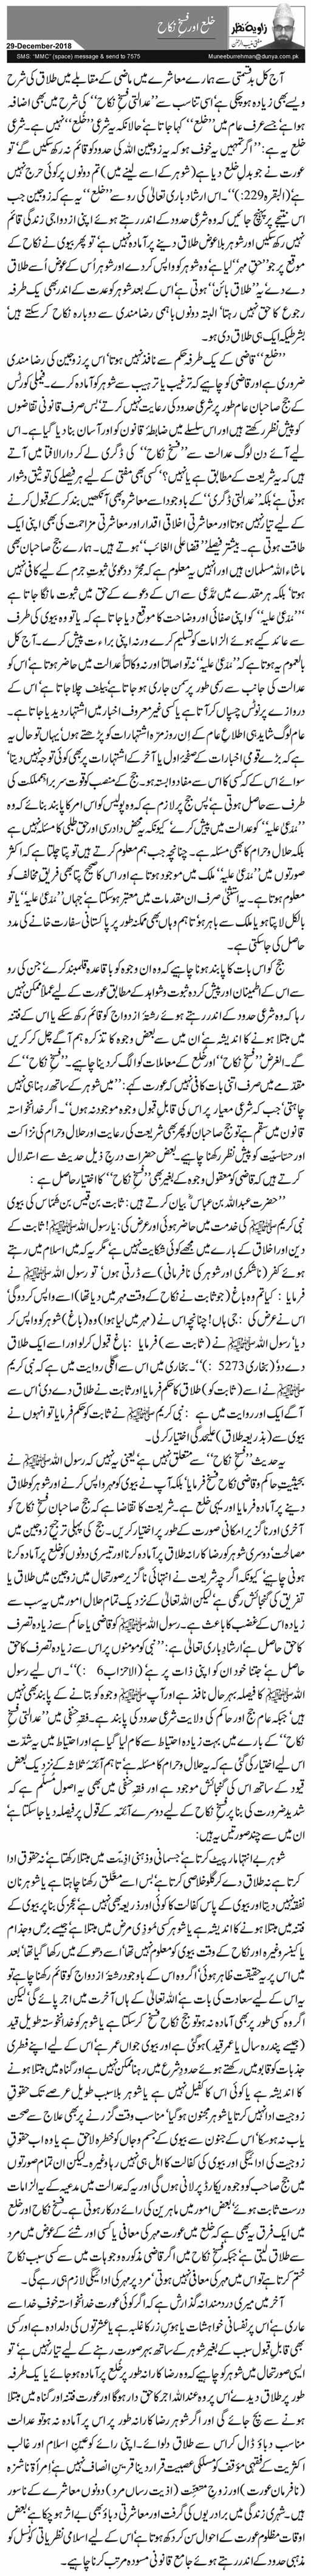 Khula Aur Faskh Nikah   Mufti Muneeb Ur Rehman   Daily Urdu